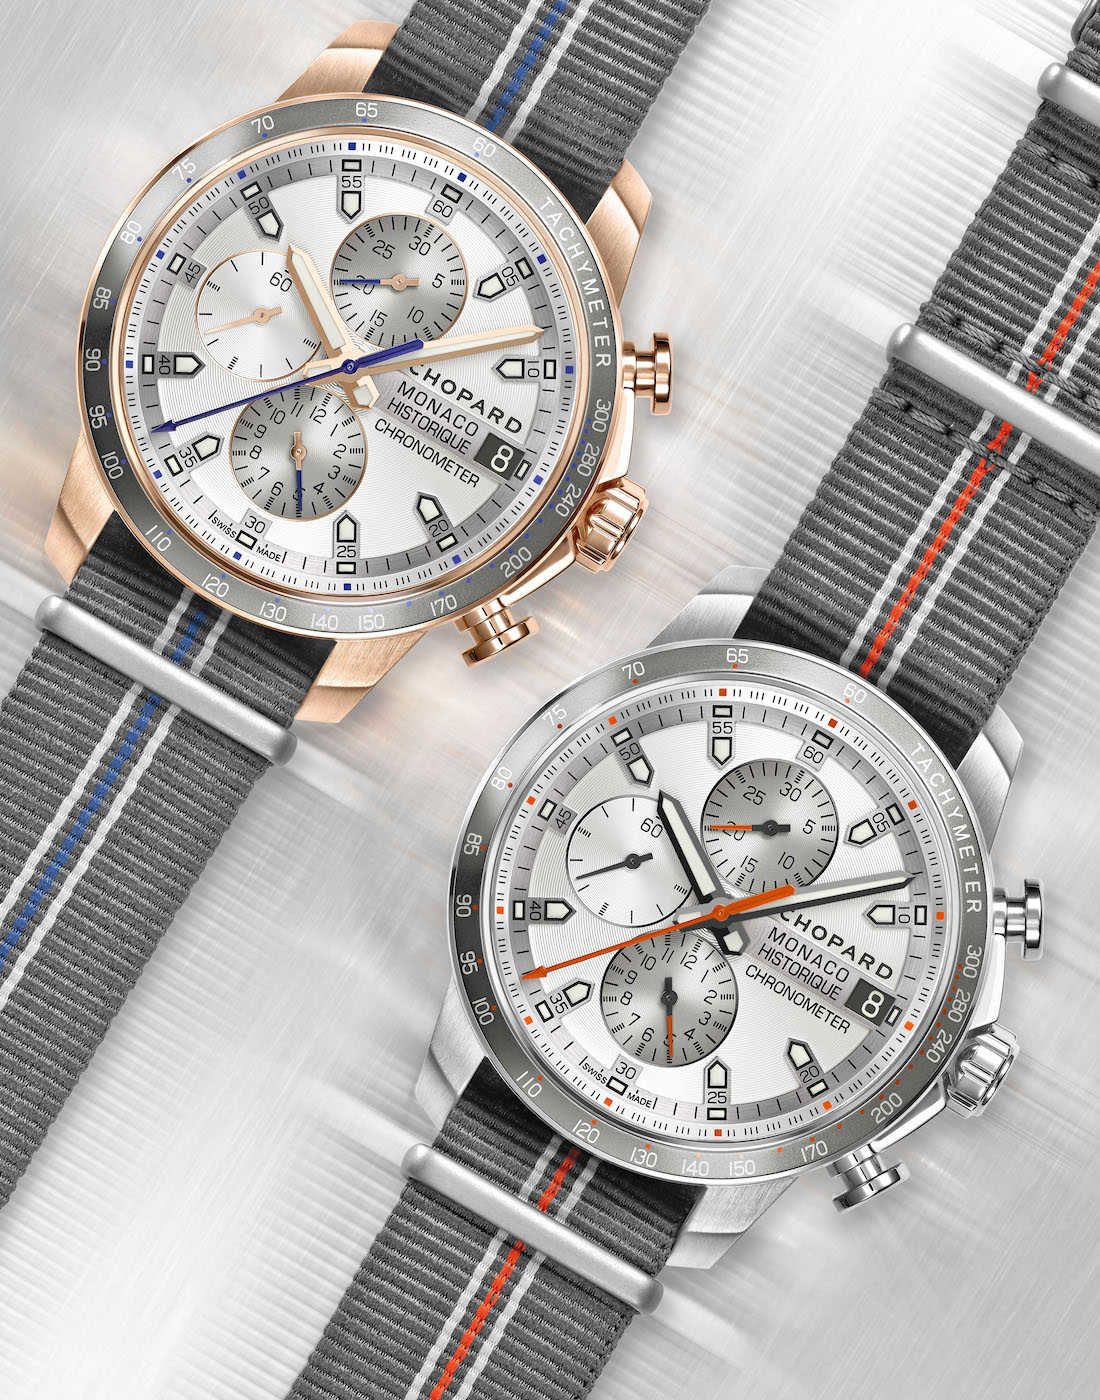 Chopard chronographe Grand Prix de Monaco Historique 2016 Race Edition